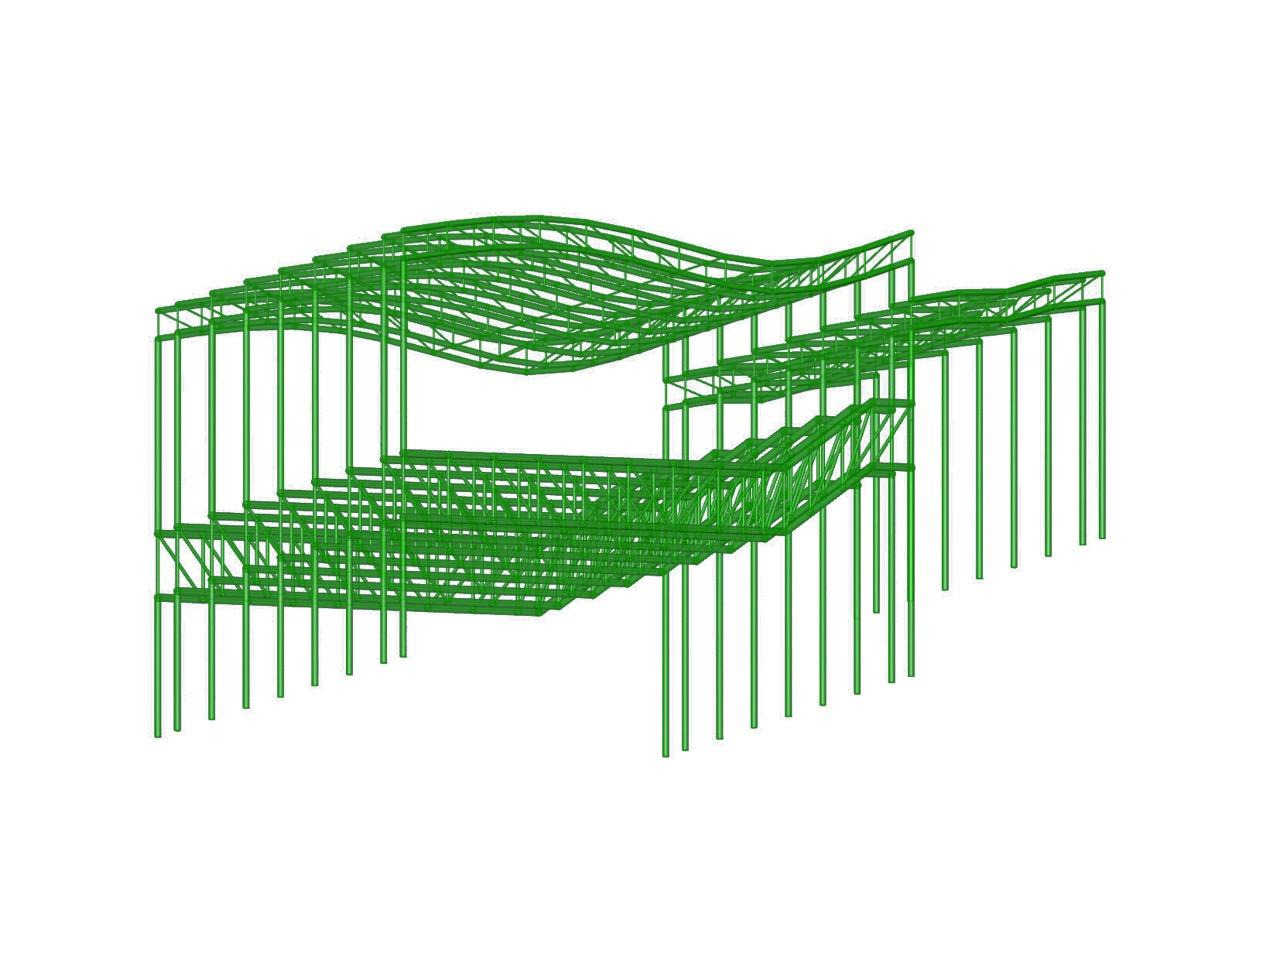 Taller de Estructuras. Master Universitario en Arquitectura. Universidad de Navarra. 2018-19